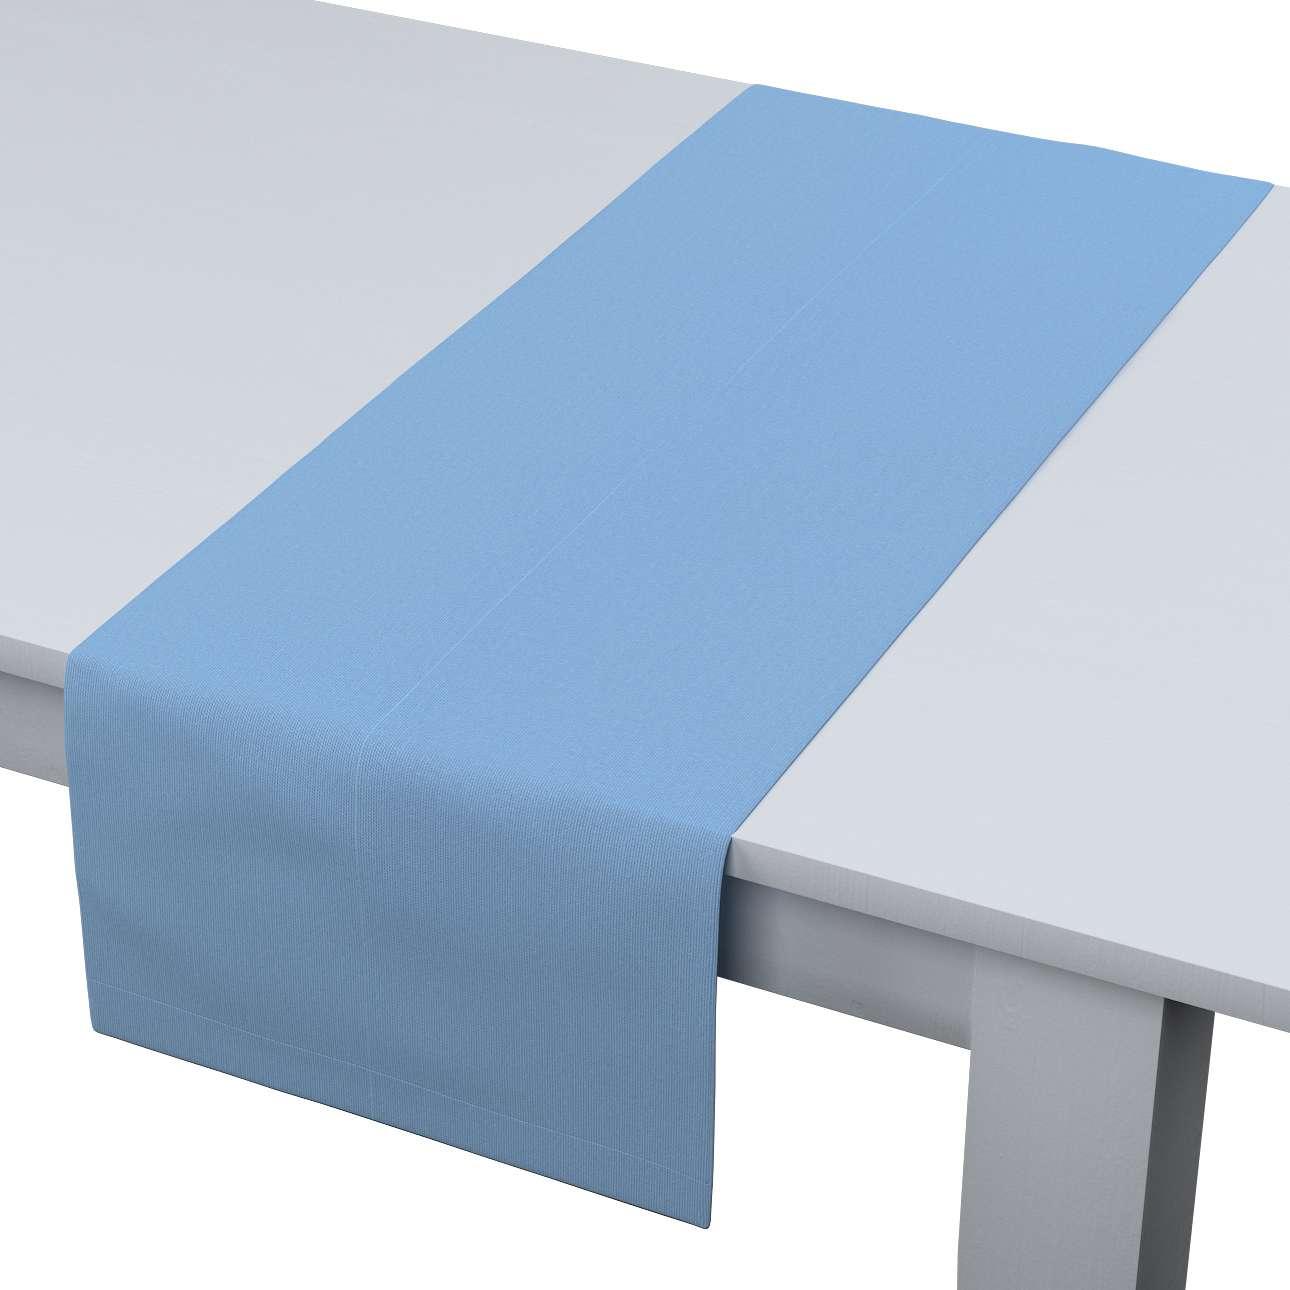 Rechteckiger Tischläufer 40 x 130 cm von der Kollektion Loneta, Stoff: 133-21